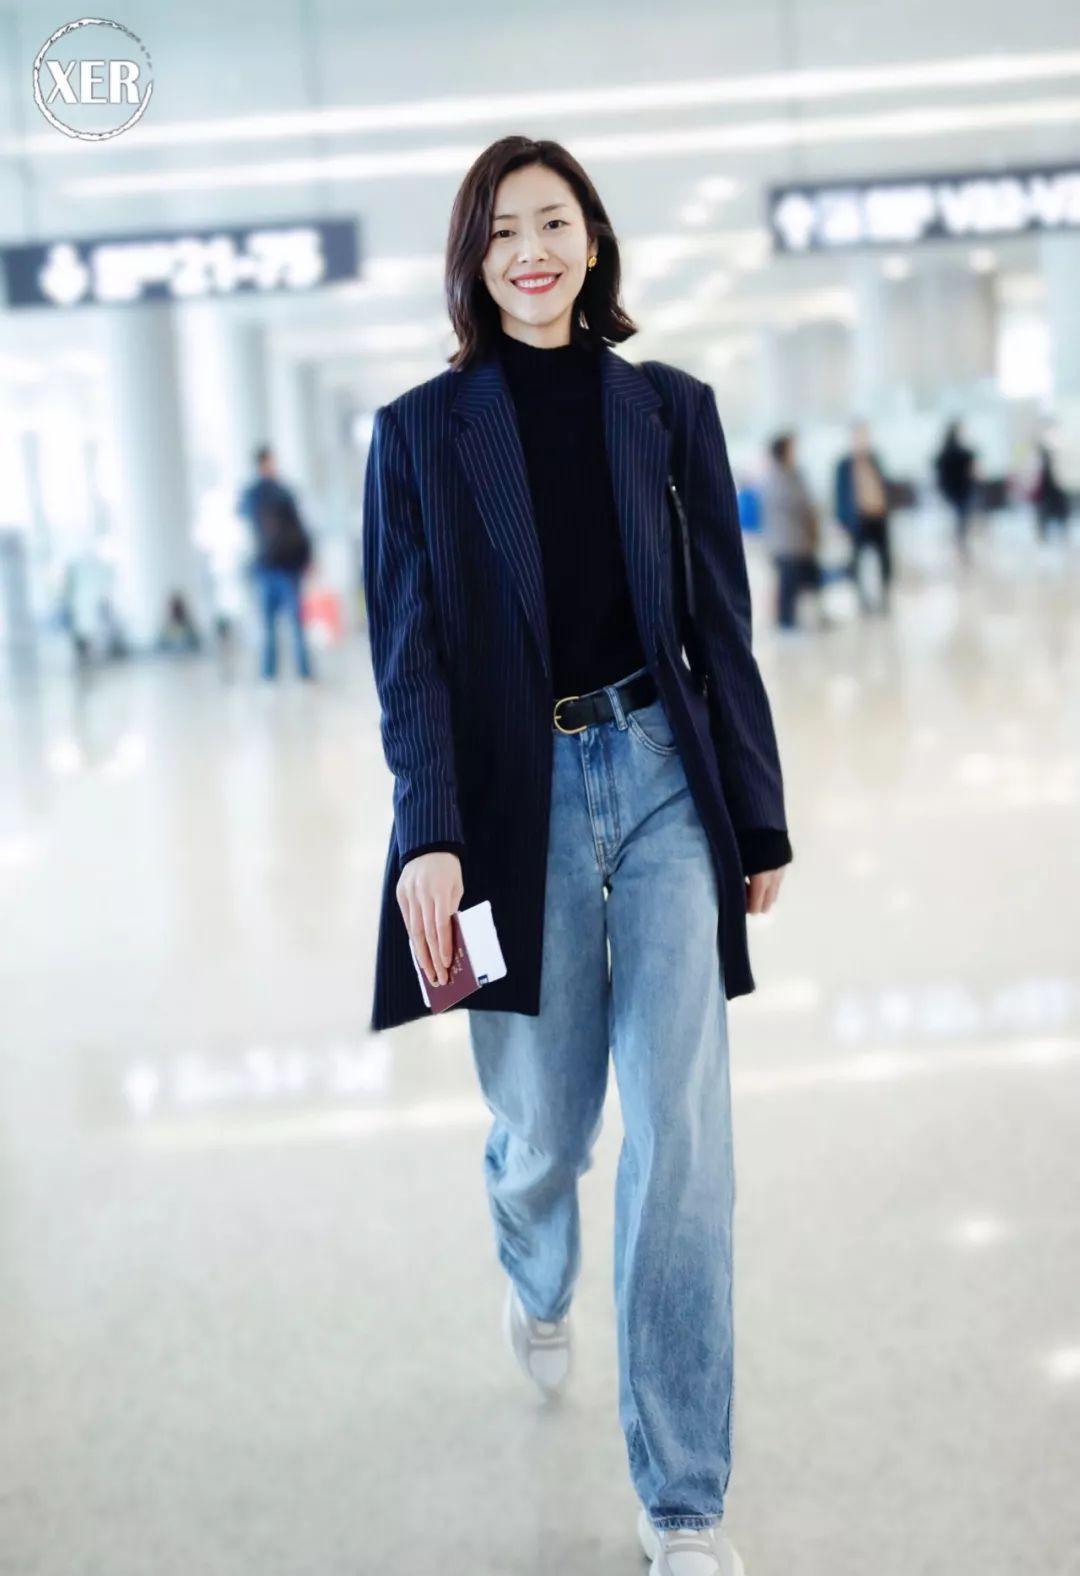 3 mẫu quần jeans bạn nên tậu gấp trước mùa lạnh này để luôn ghi điểm mặc đẹp - Ảnh 1